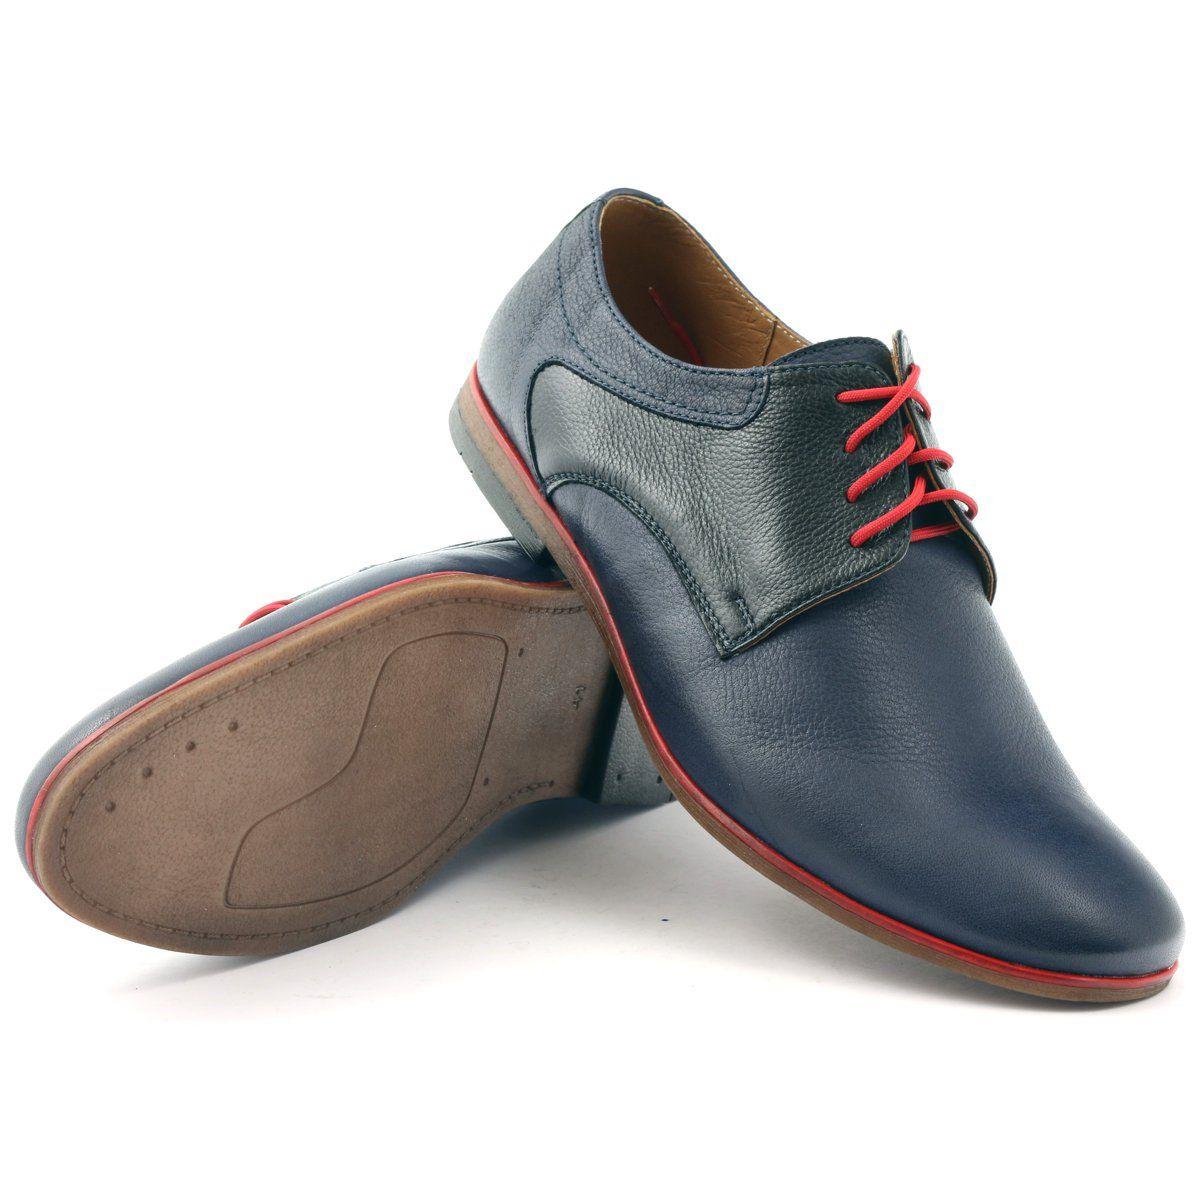 Polbuty Meskie Moskala H 5 Granatowe Czarne Czerwone Dress Shoes Men Shoes Men S Shoes